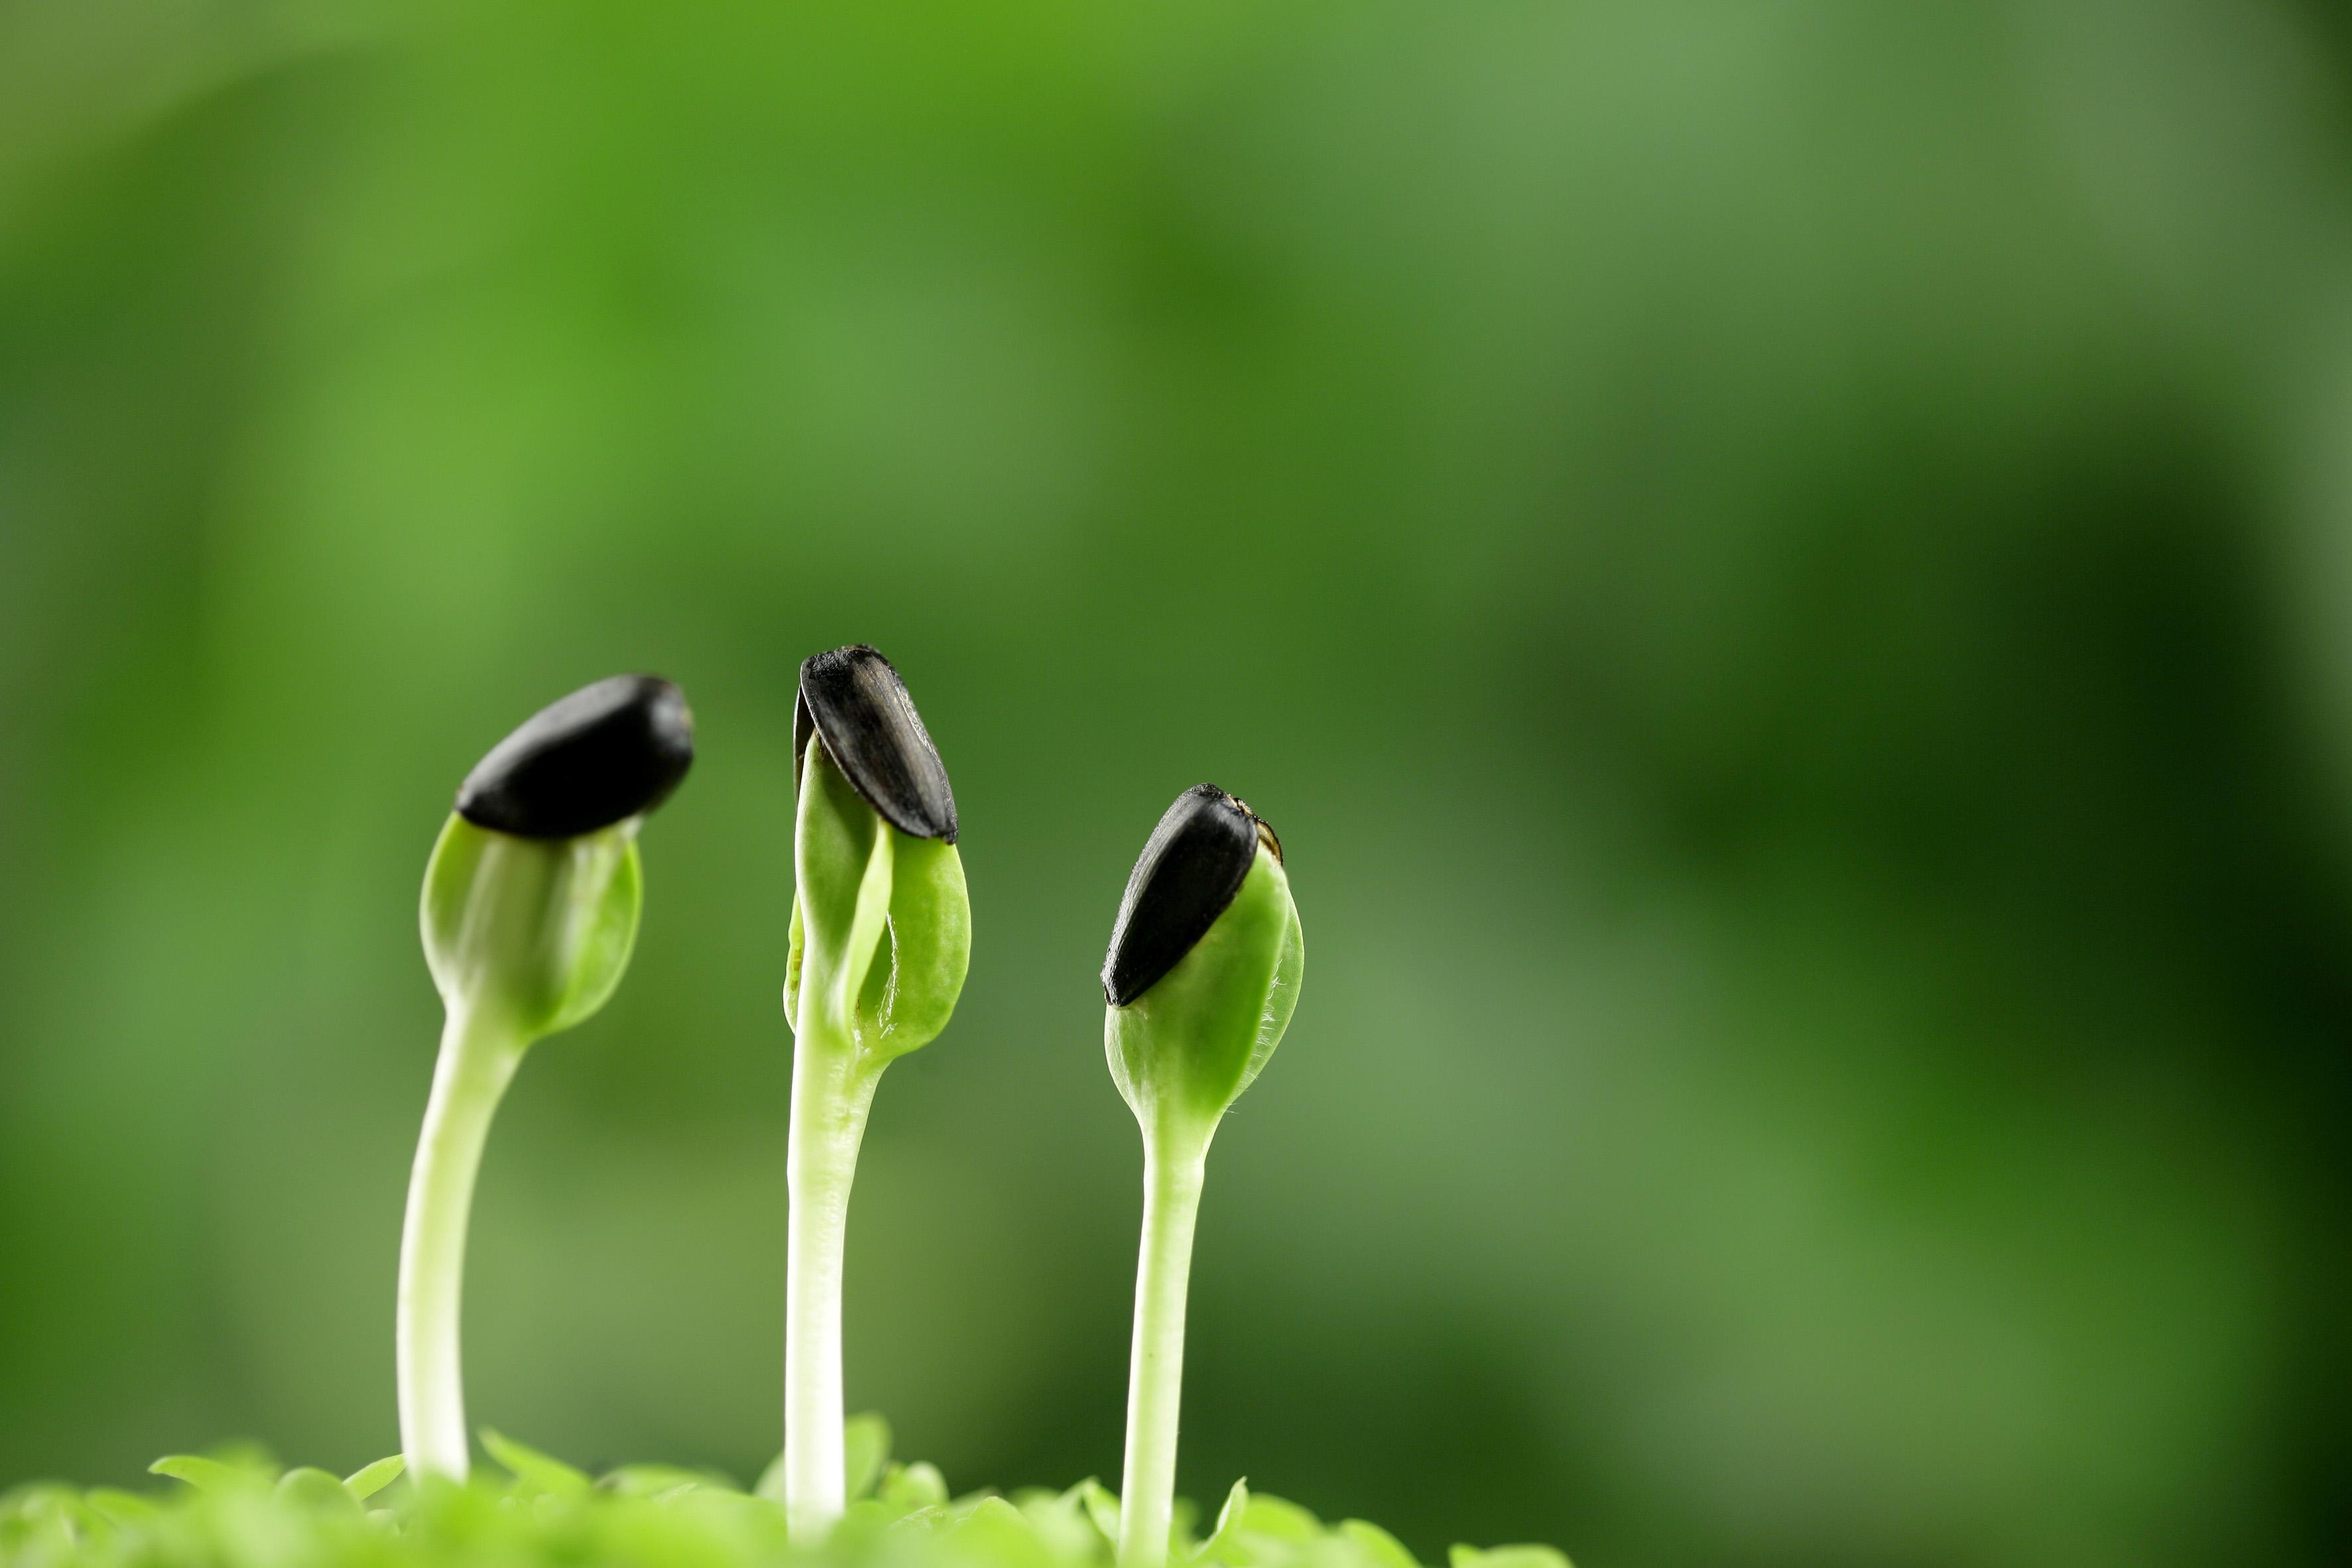 种子怎么用_纸巾催芽的方法-花百科